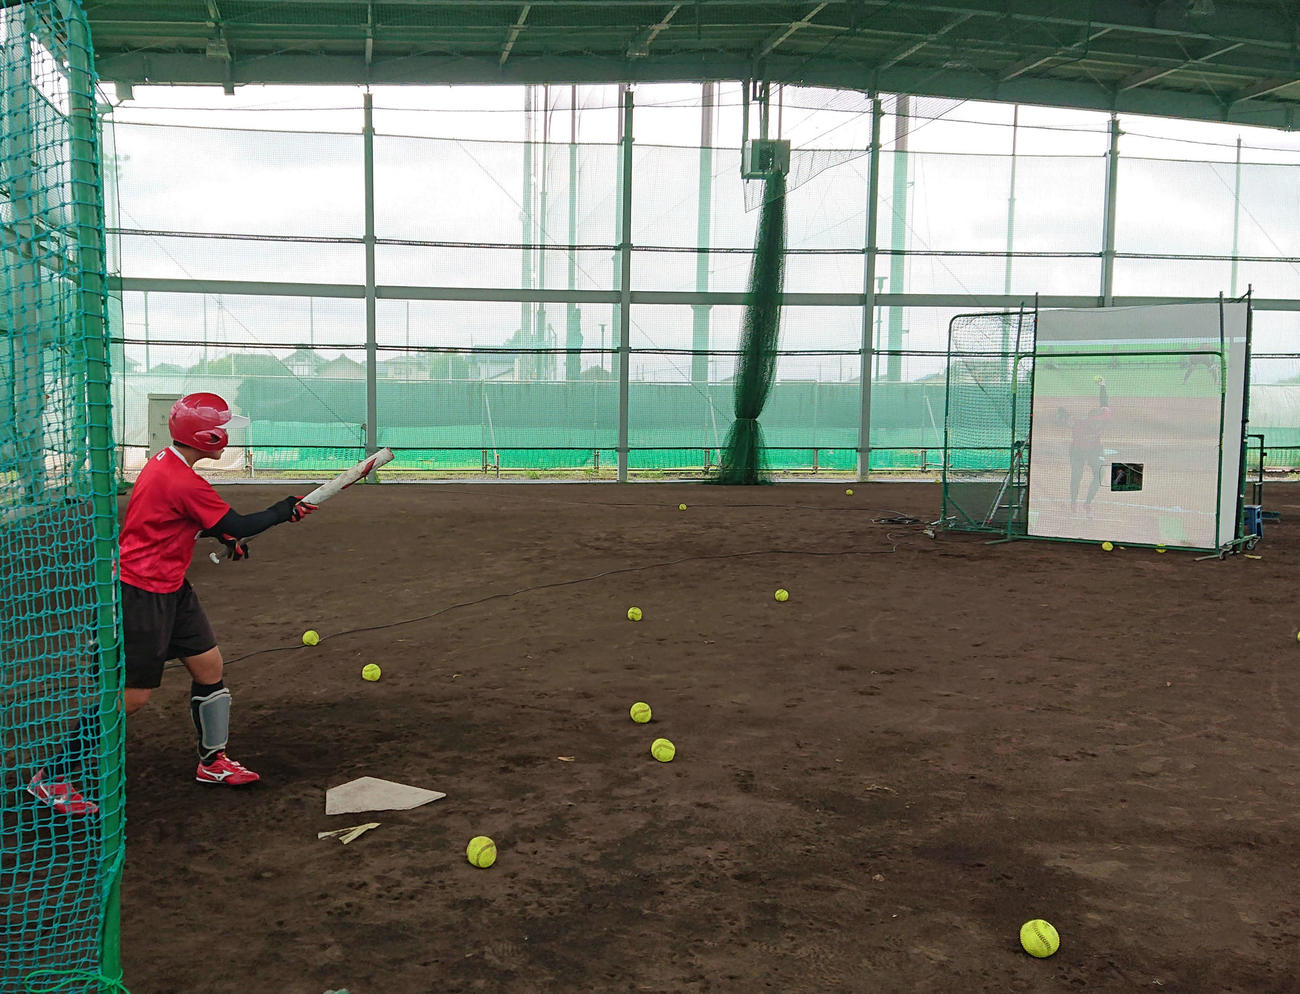 6月の高崎合宿で、米国のアボットを再現したボールと映像で打撃練習(NTT 柏野多様脳特別研究室提供)